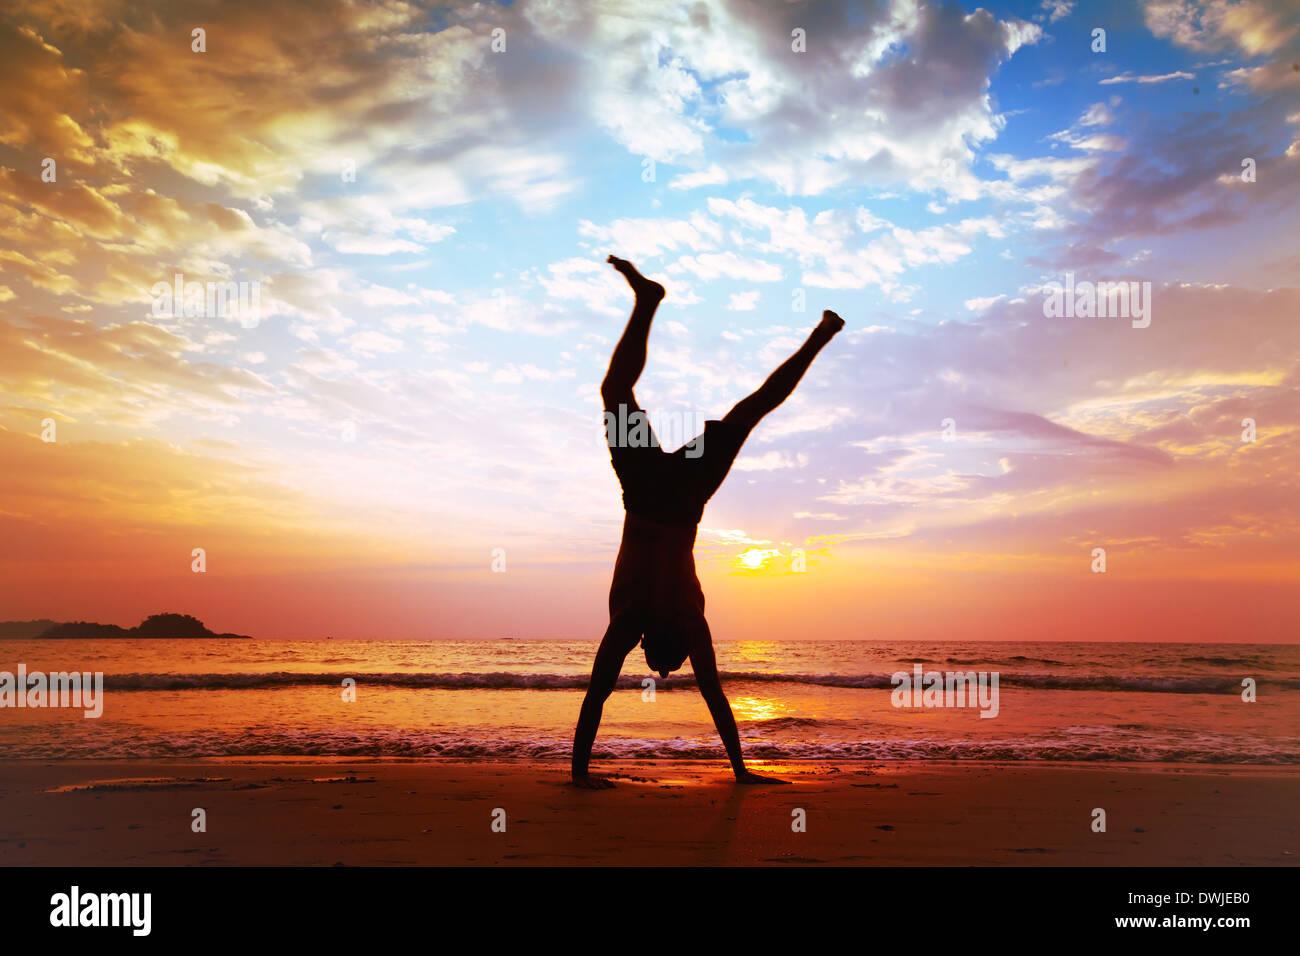 Libertad y creatividad, el hombre saltando en la playa Imagen De Stock